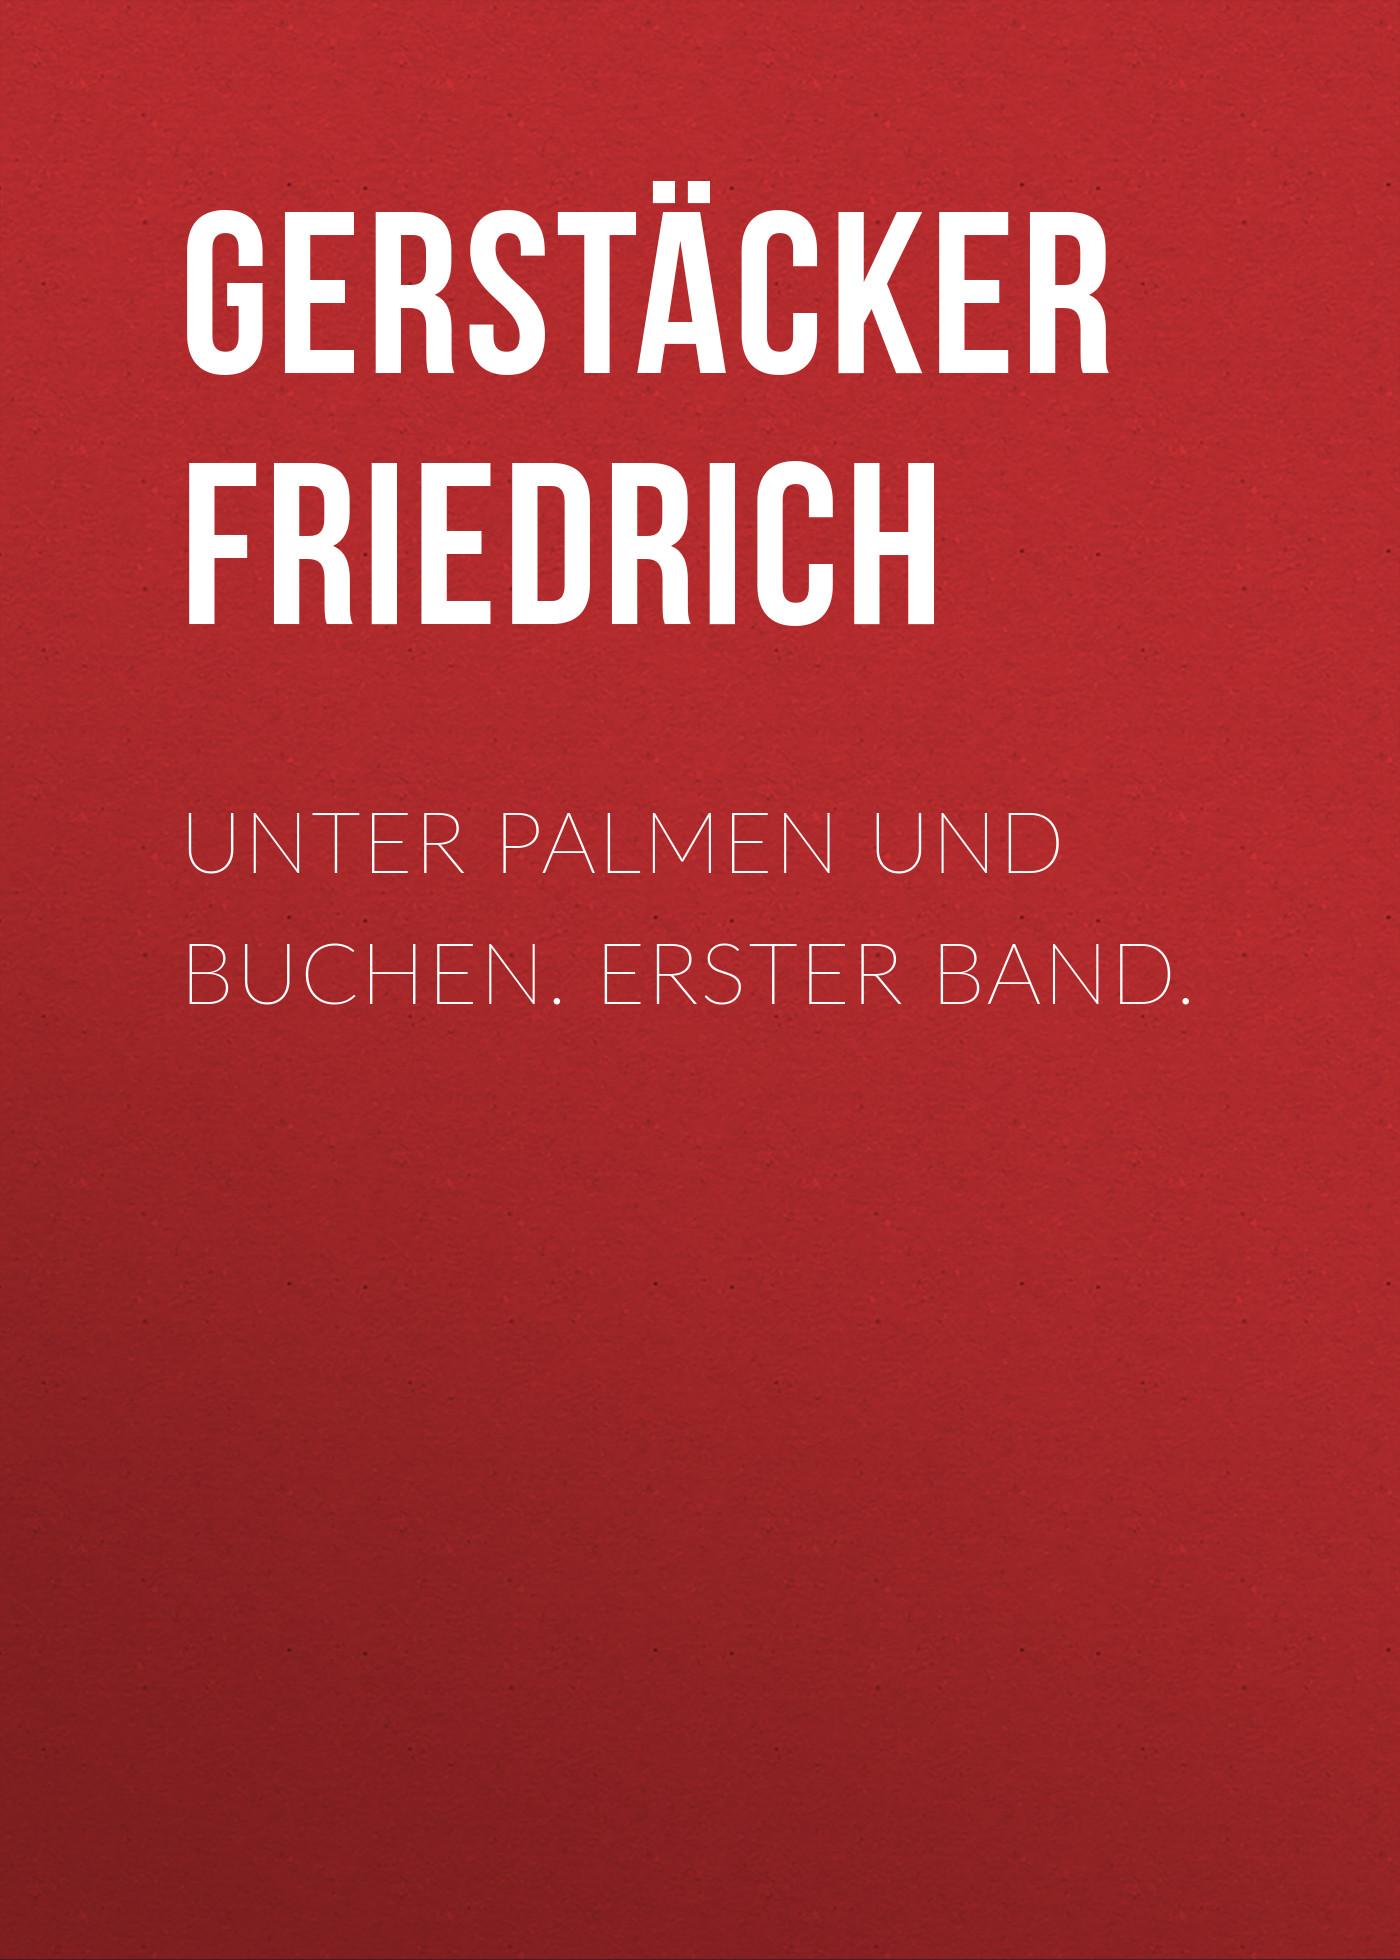 Gerstäcker Friedrich Unter Palmen und Buchen. Erster Band.